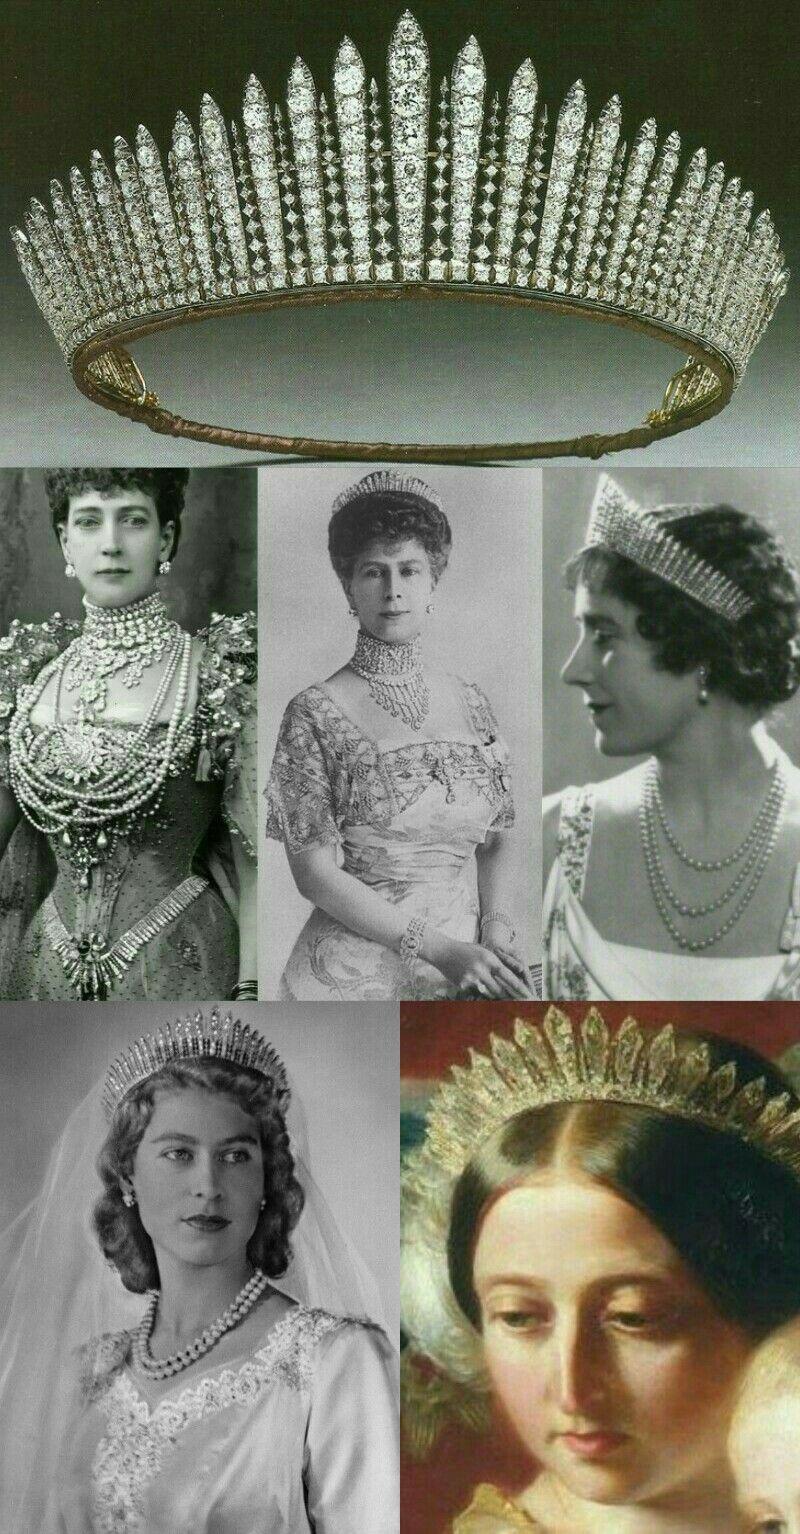 Reine Victoria Et Elisabeth 2 : reine, victoria, elisabeth, Tiara, Fringe:Reina, Victoria,, Reina, Alexandra(desmontada),, Mary,Reina, Elizabeth,, Elizabeth, British, Crown, Jewels,, Royal, Jewelry